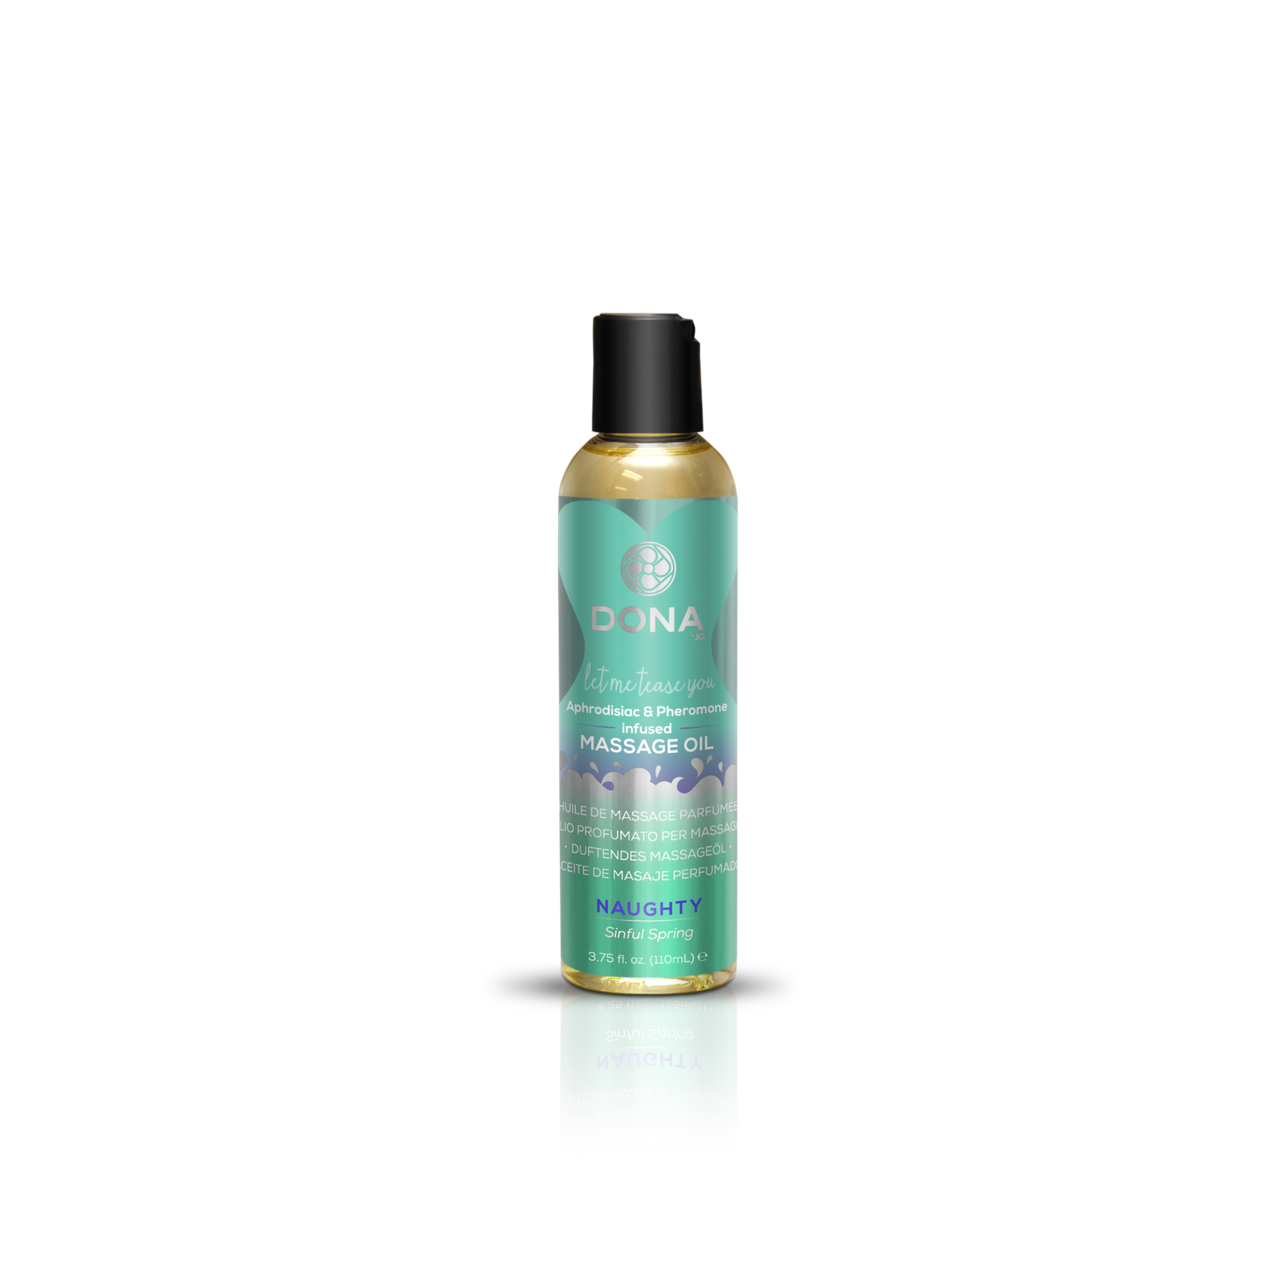 Массажное масло DONA Massage Oil NAUGHTY - SINFUL SPRING (110 мл) с феромонами и афродизиаками